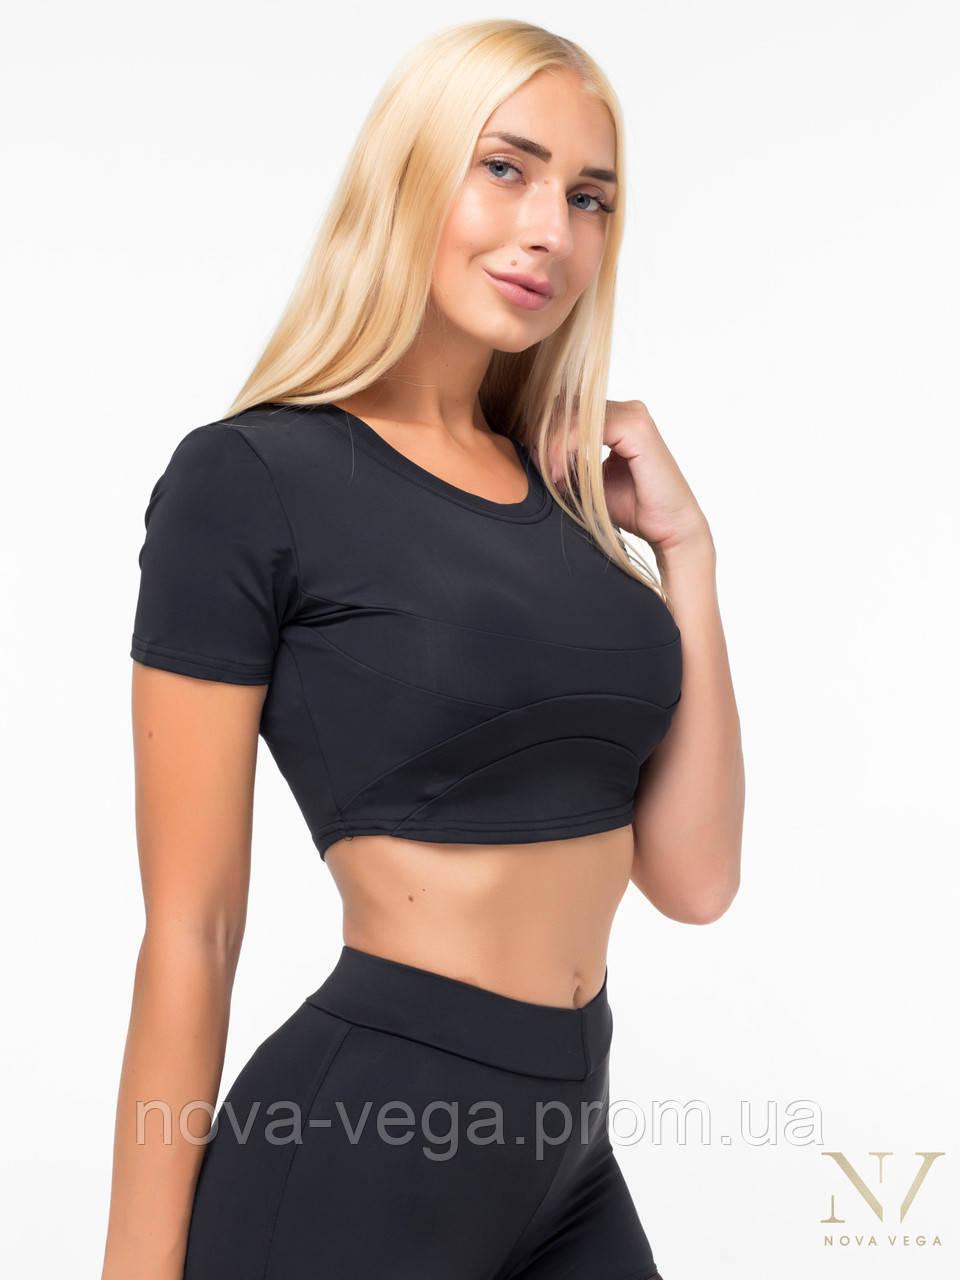 Спортивный Женский Топ Со Вставками Nova Vega Black